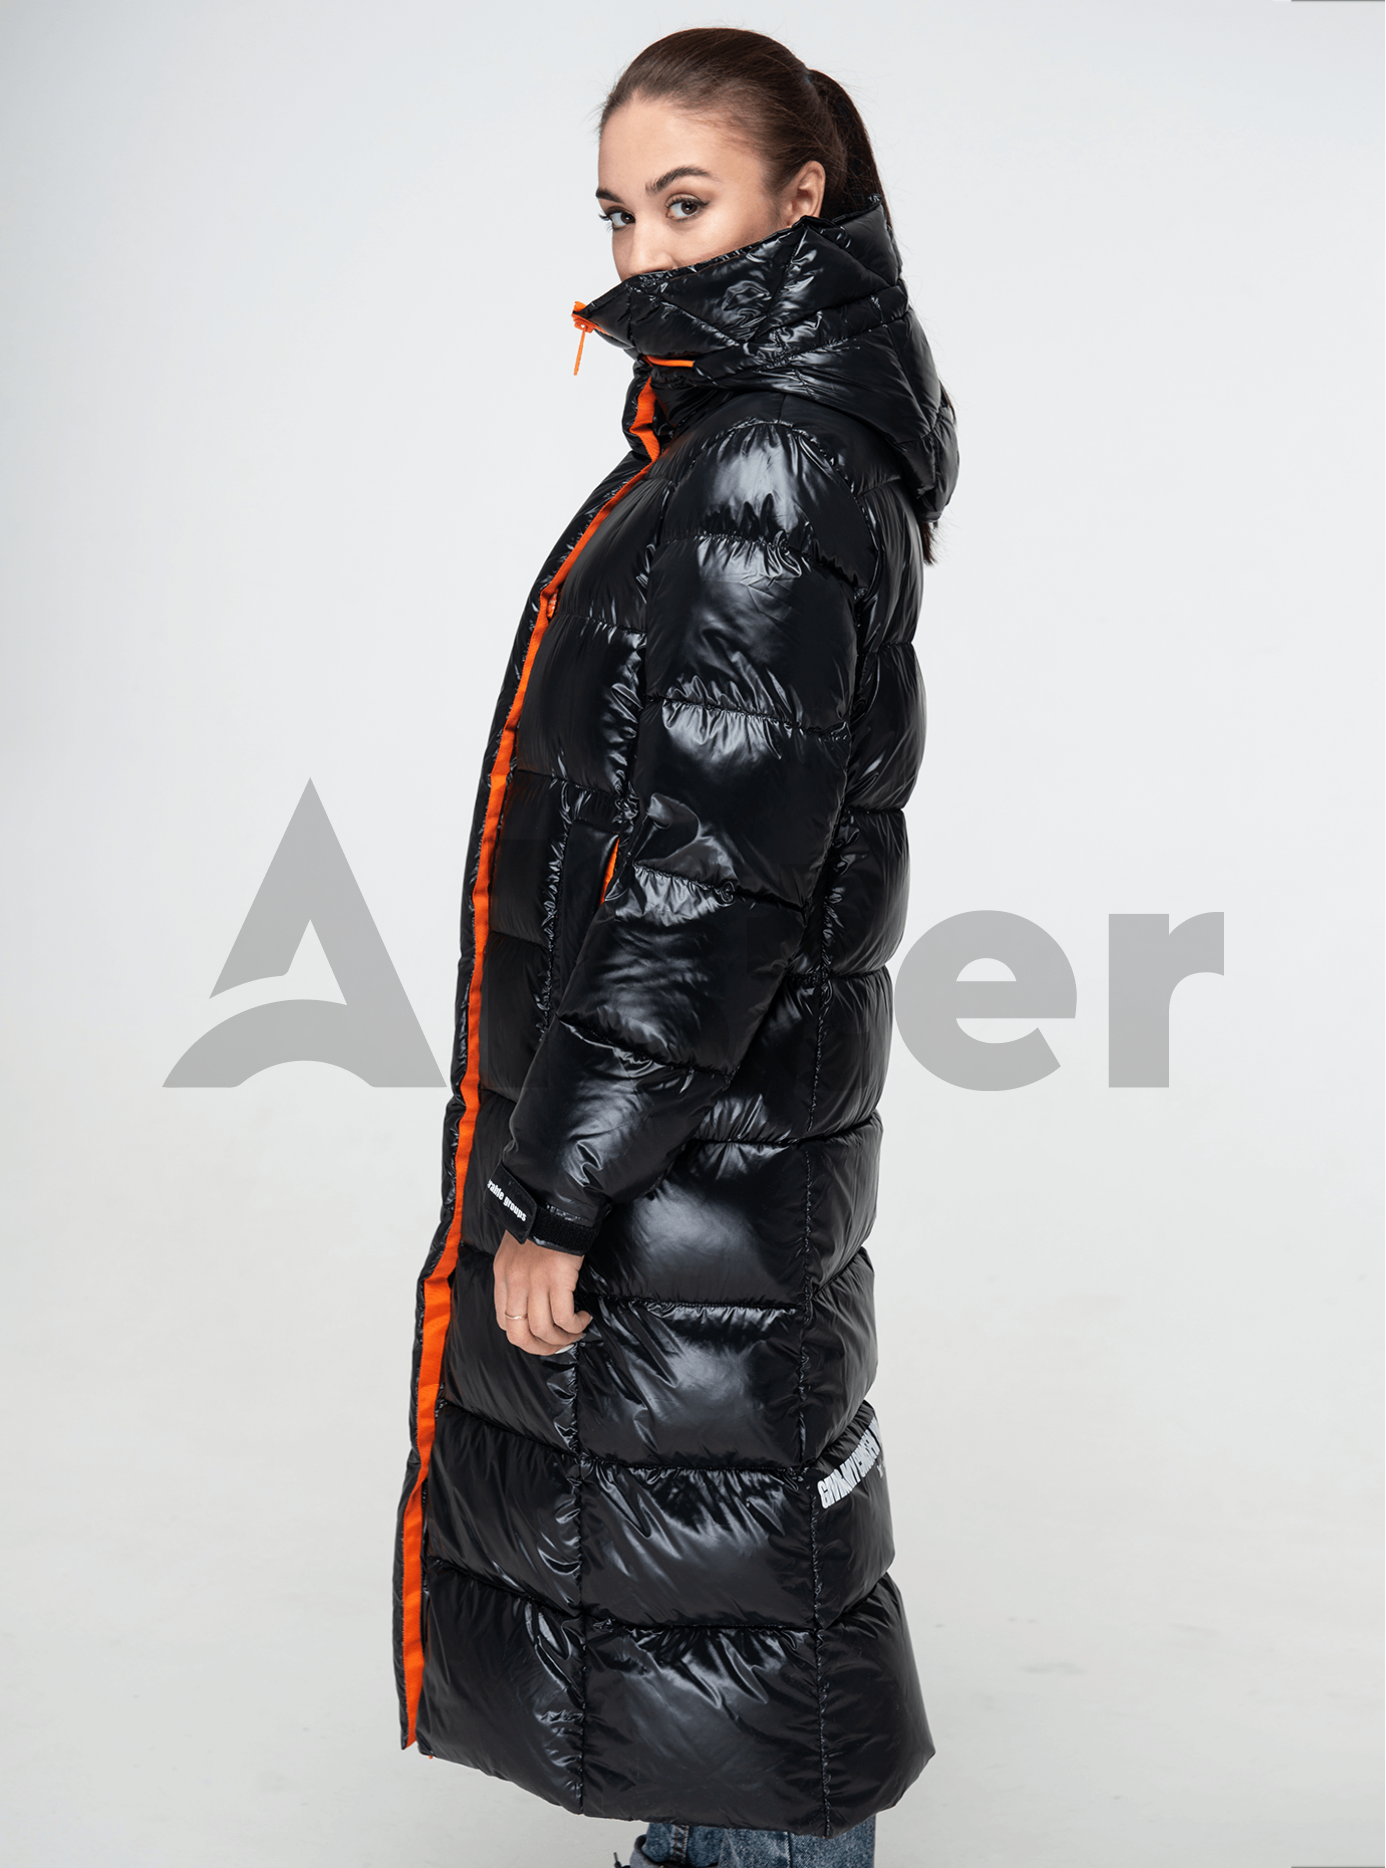 Пуховик женский длинный прямой Чёрный L (02-Y191104): фото - Alster.ua